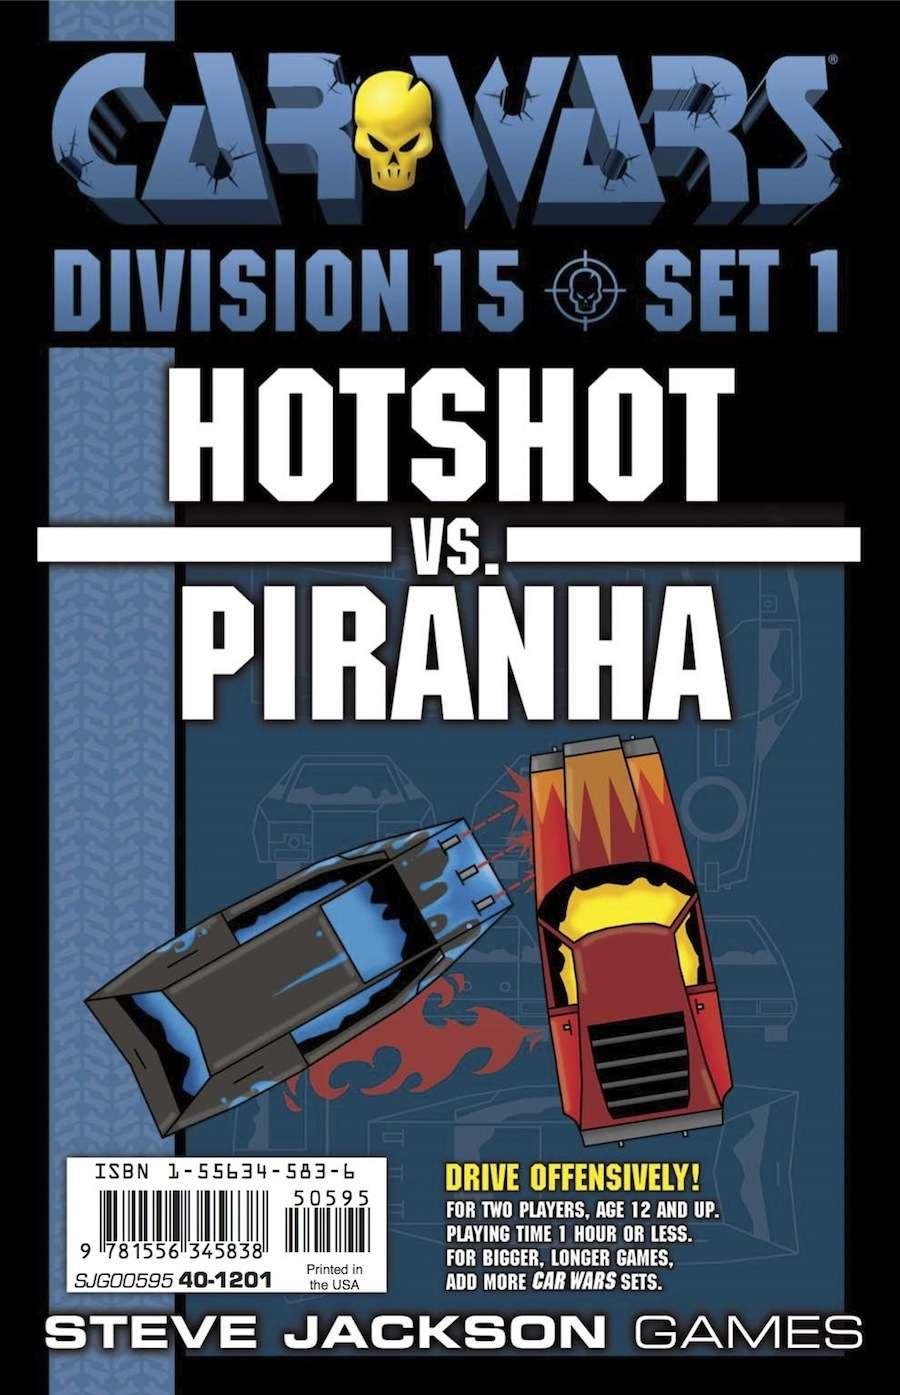 Car Wars - Division 15 Set 1 - Hotshot vs. Piranha